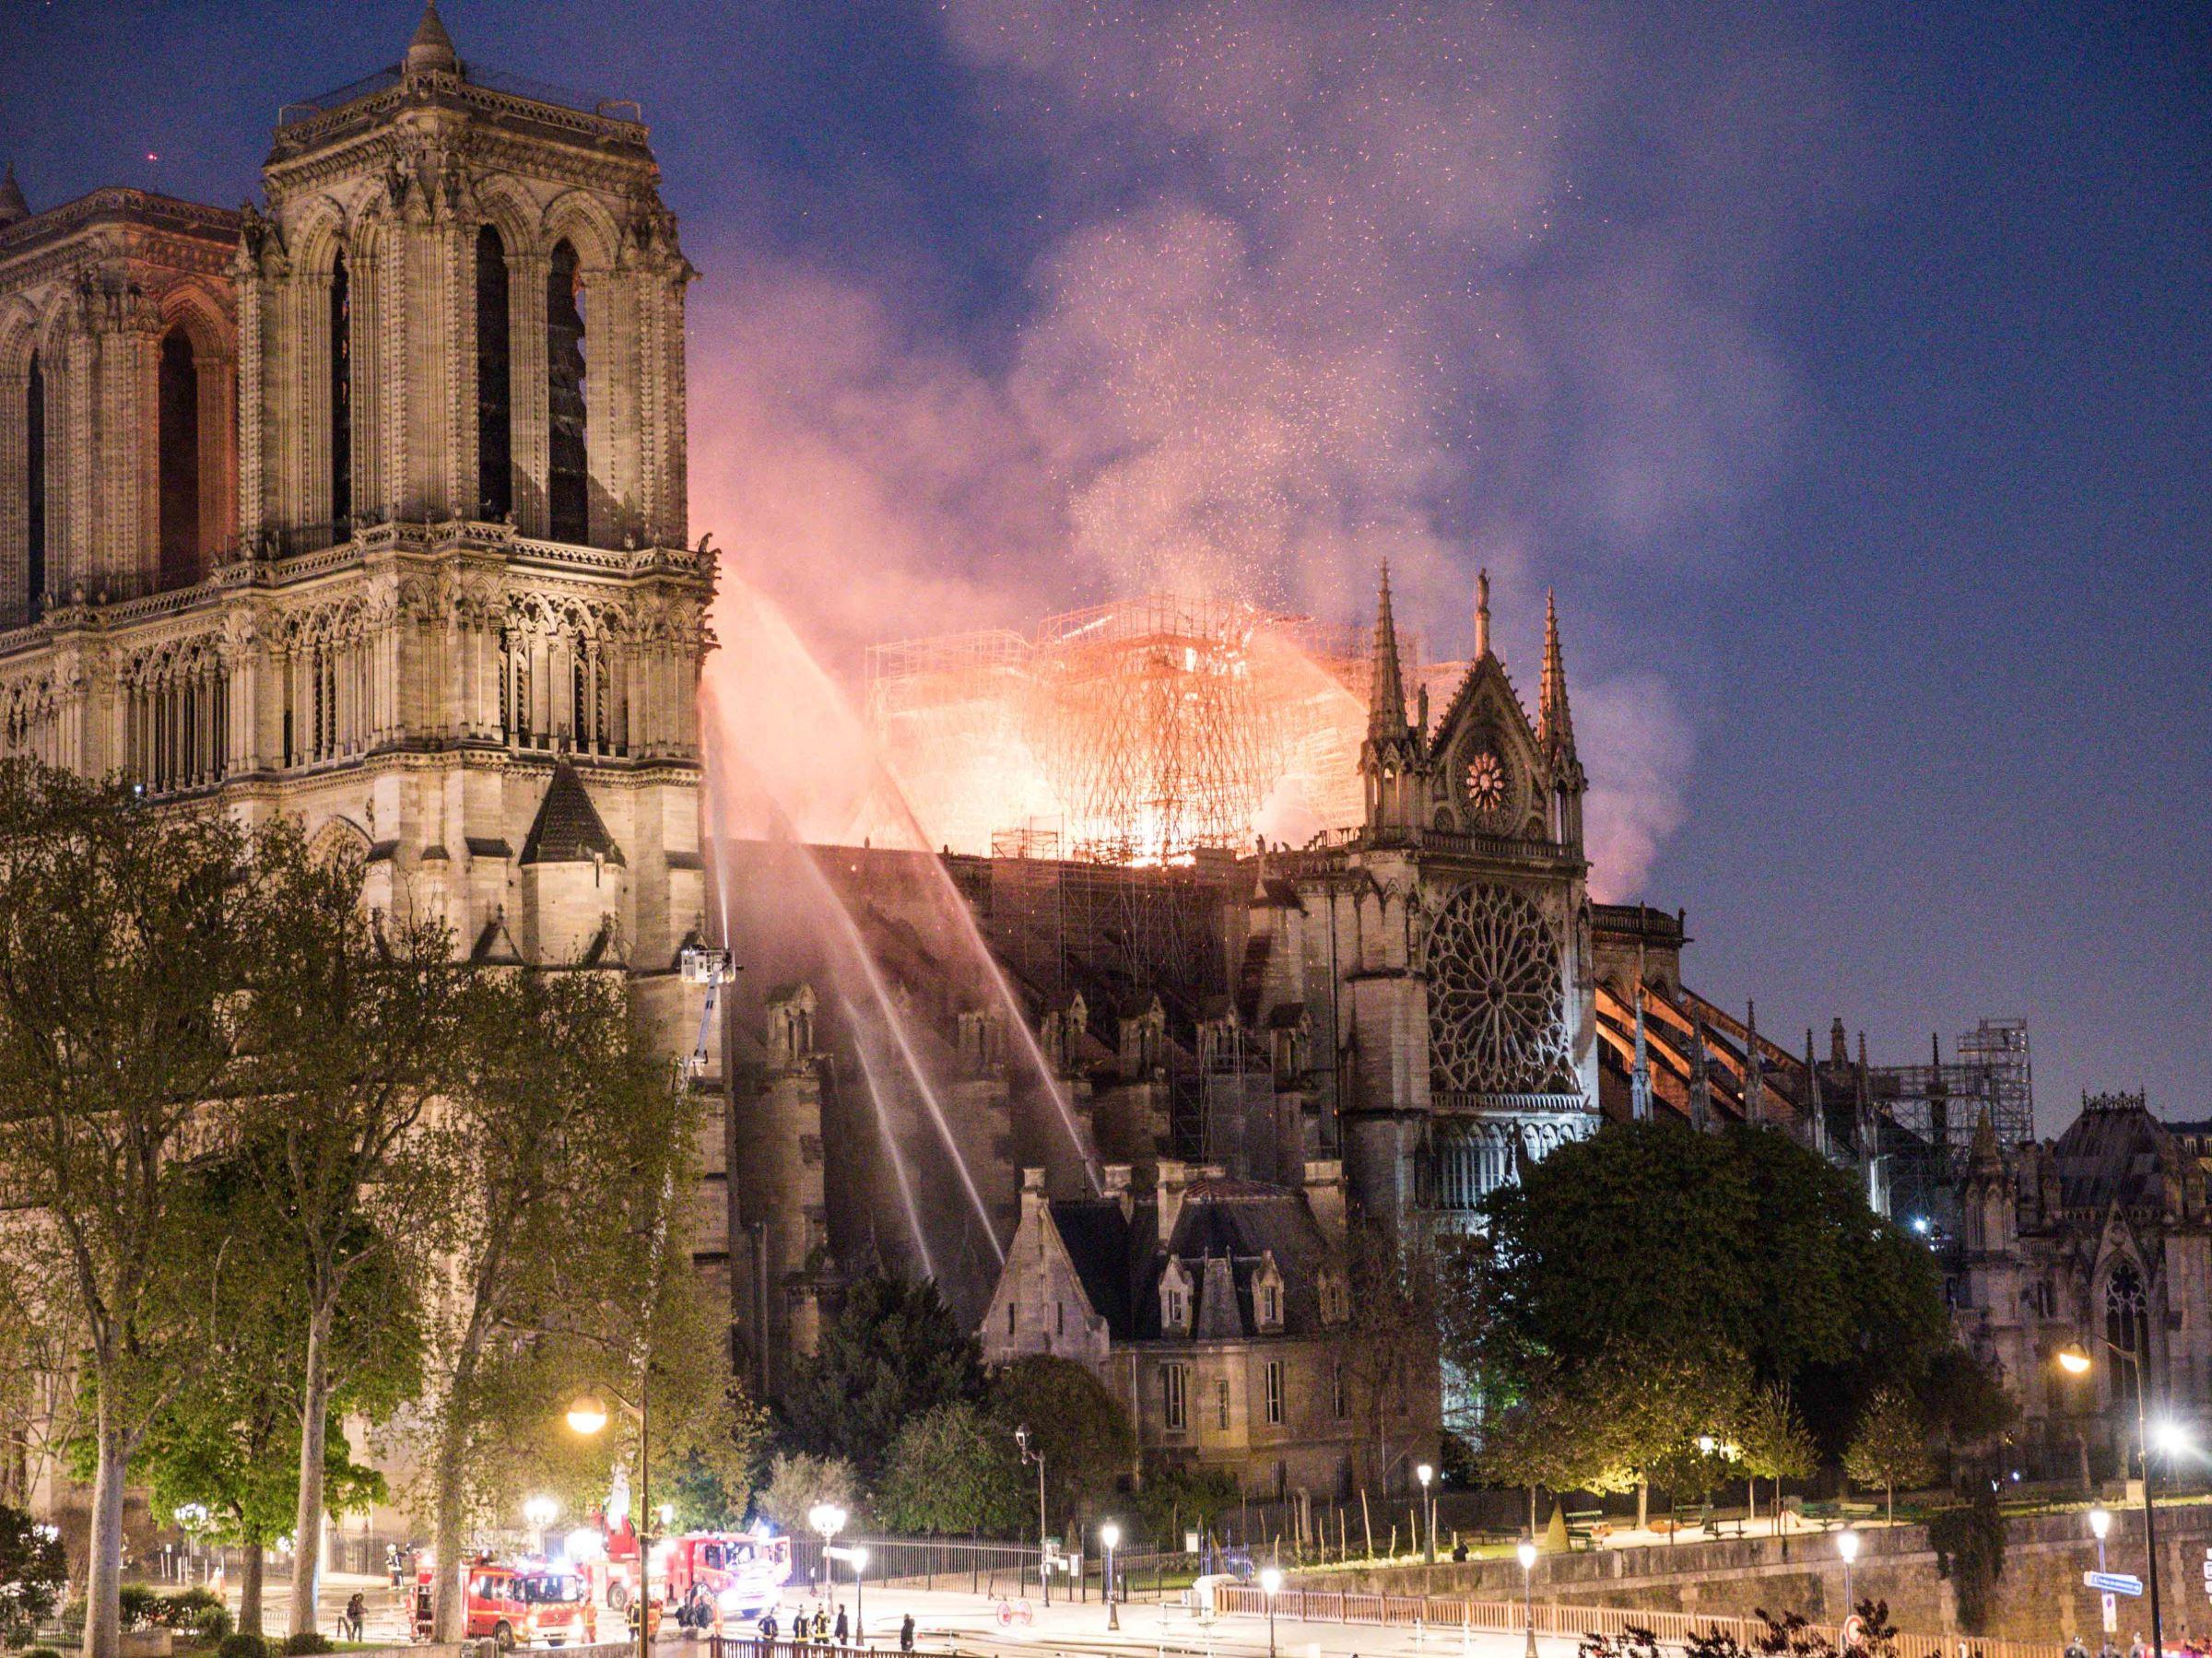 photos. incendie notre dame paris les images stupefiantes des degats interieur cathedrale - Ecos de Paris II, O Fantasma das nossas Óperas, Paris está a arder